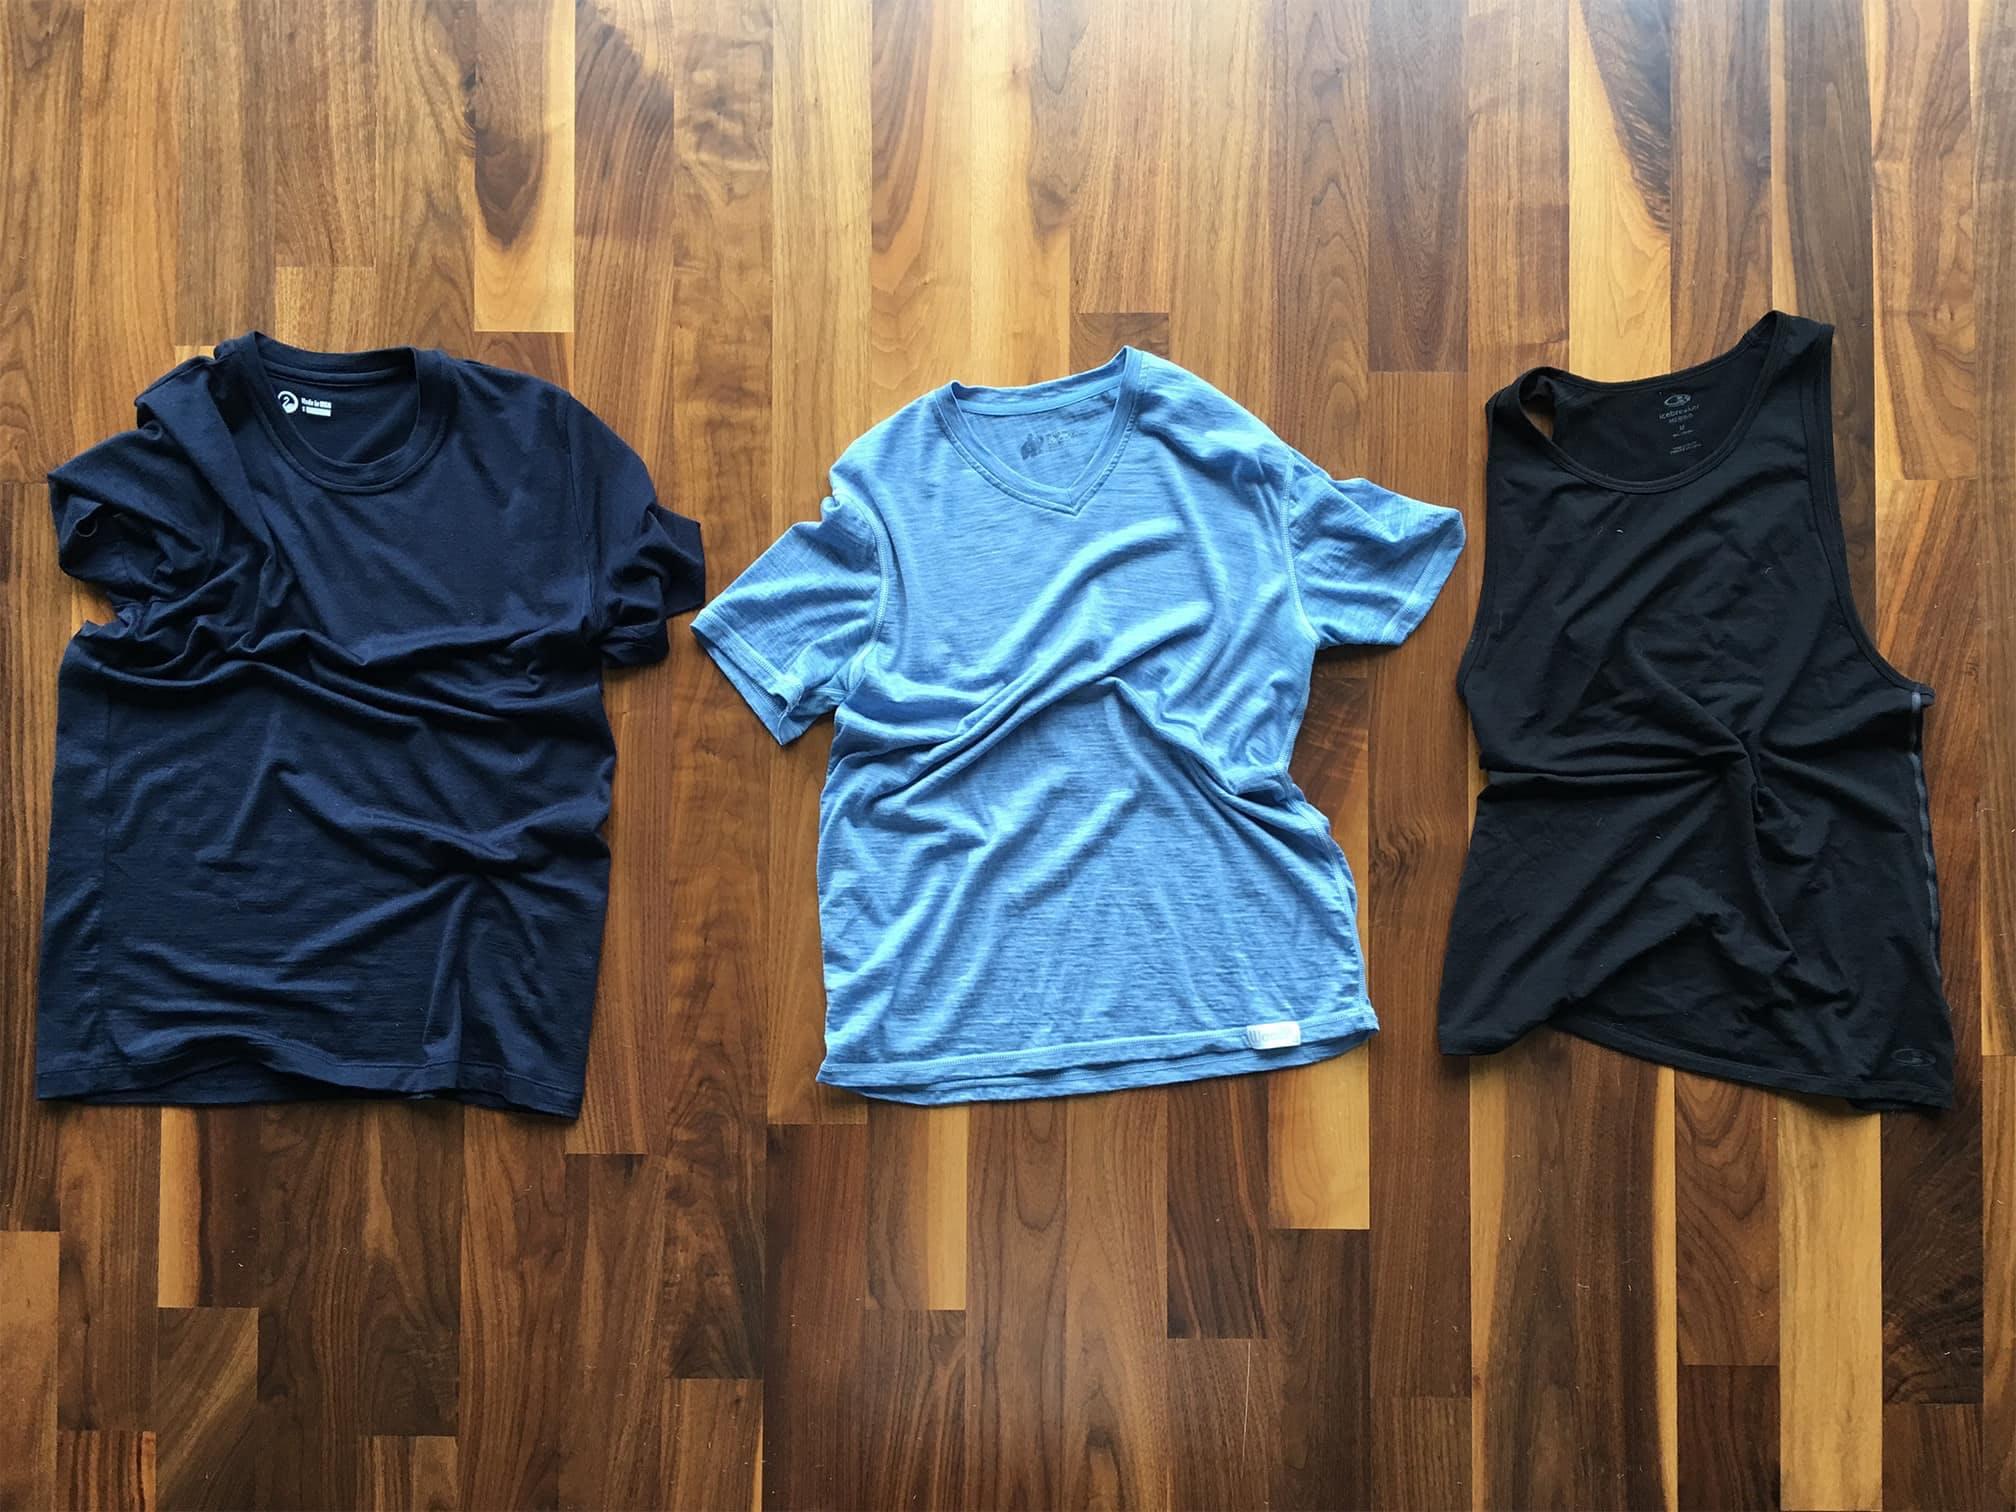 Outlier Ultrafine Merino T-Shirt | Woolly Short Sleeve Ultralight V-Neck | Icebreaker Men's Anatomica Tank Top